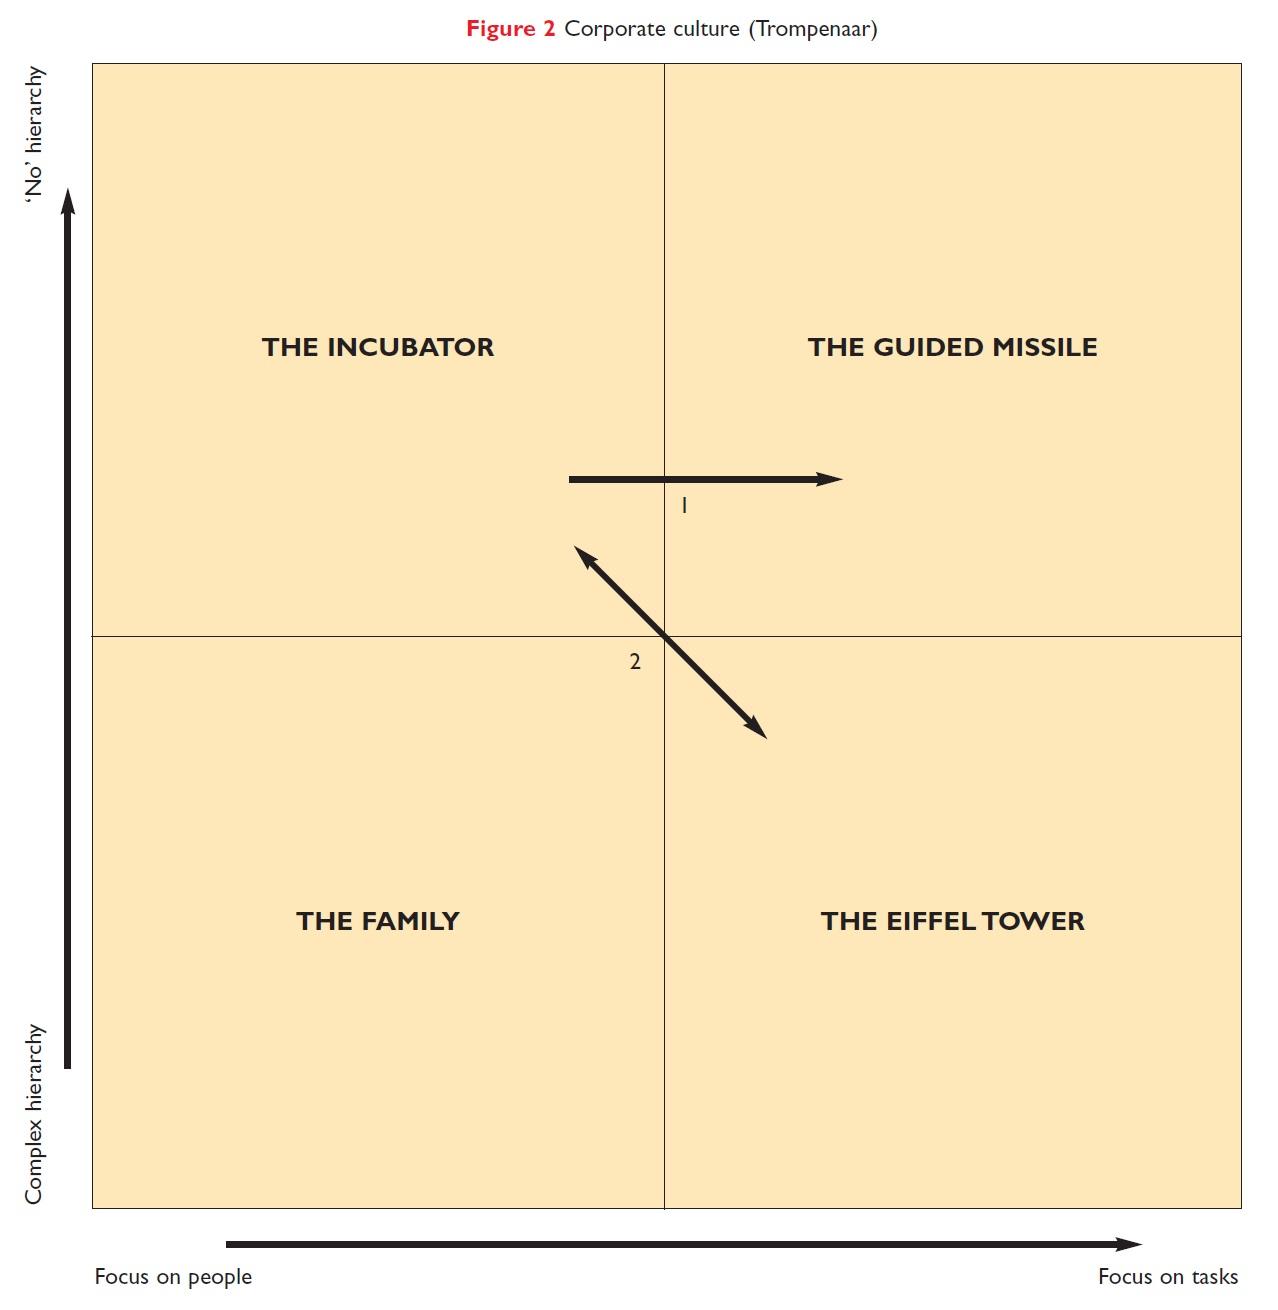 Figure 2 Corporate culture